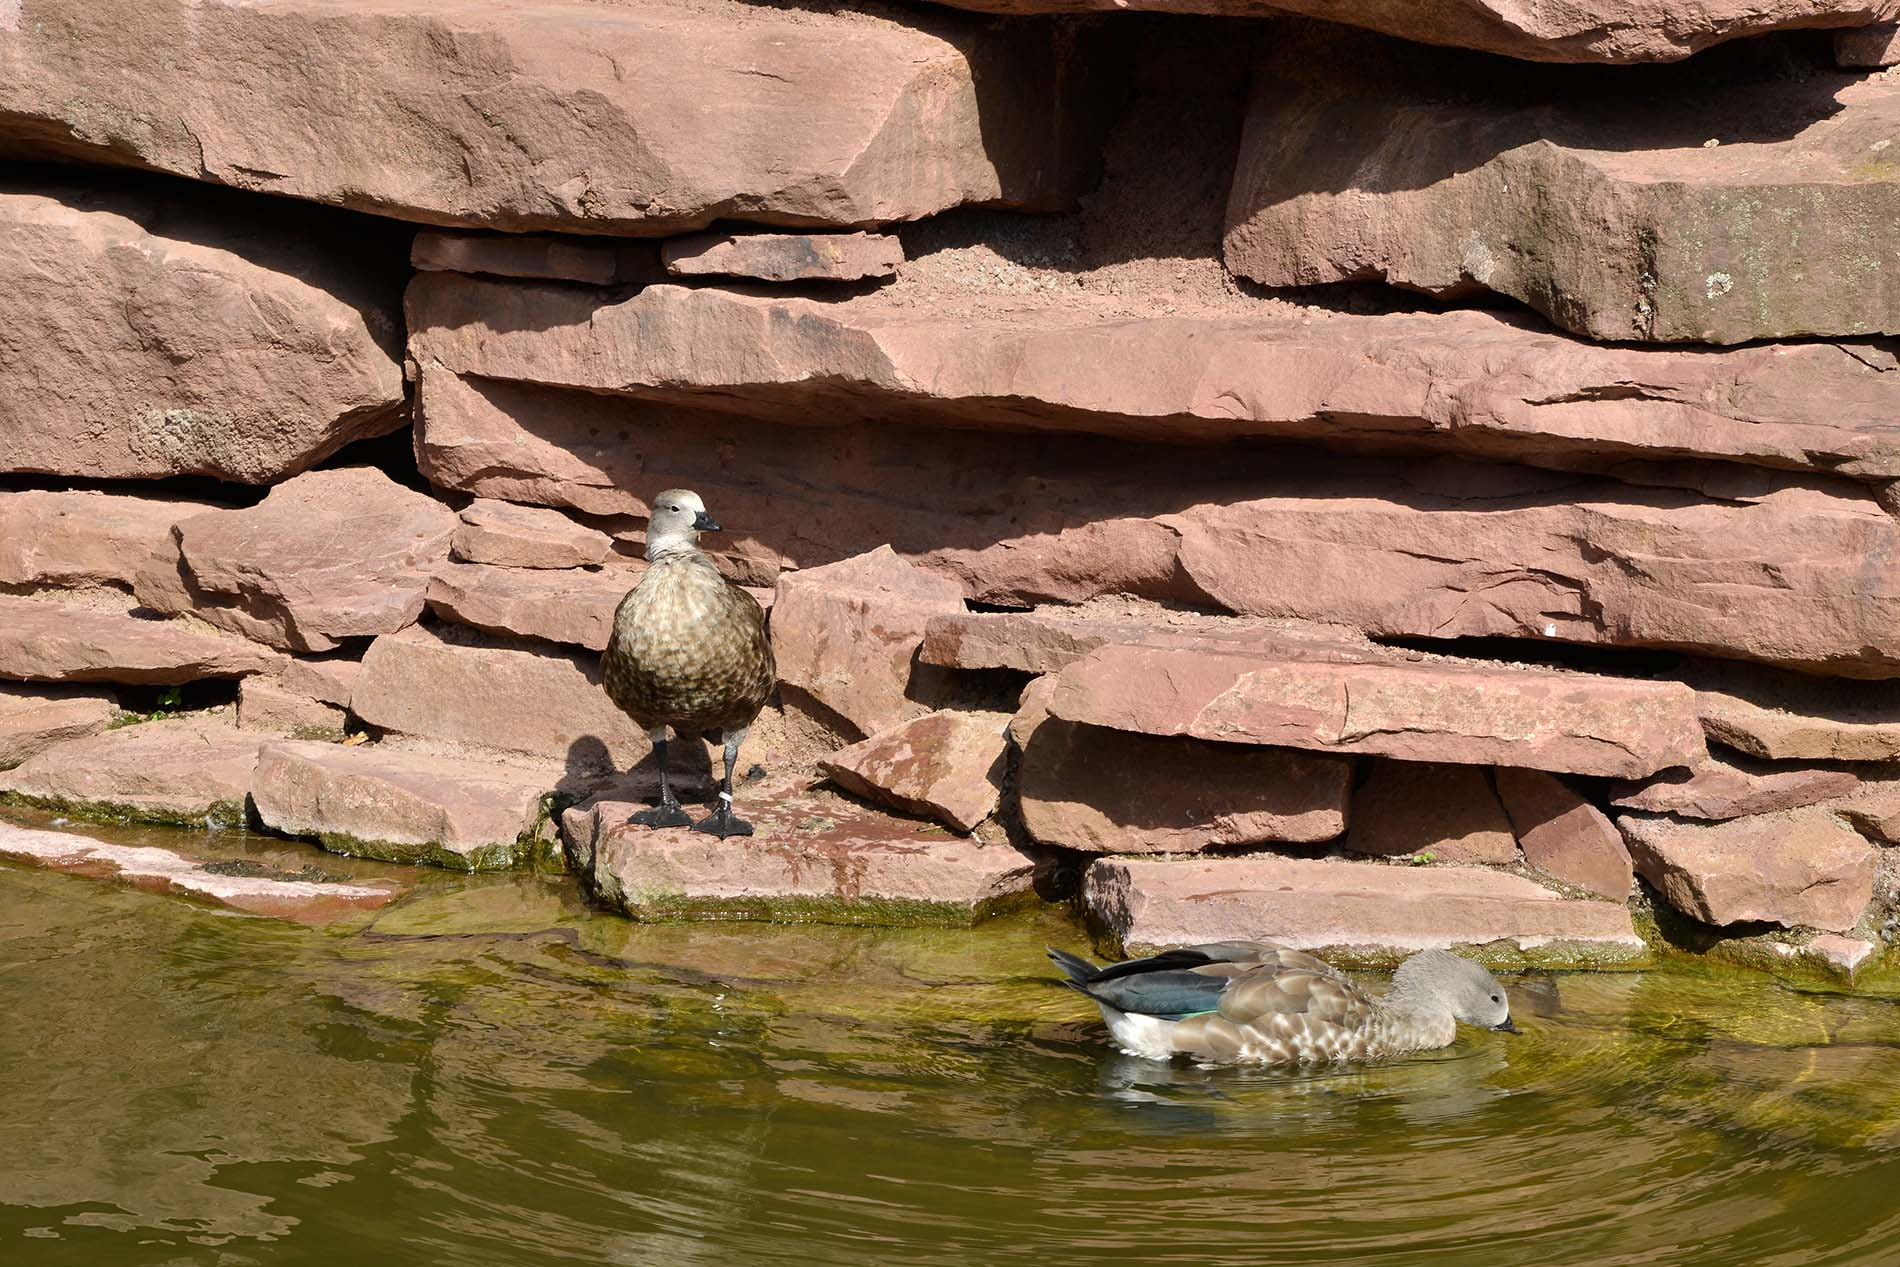 Zoo Magdeburg Findlinge Bruchsteine Tambacher Sandstein spaltrauh bruchrauh naturbelassen